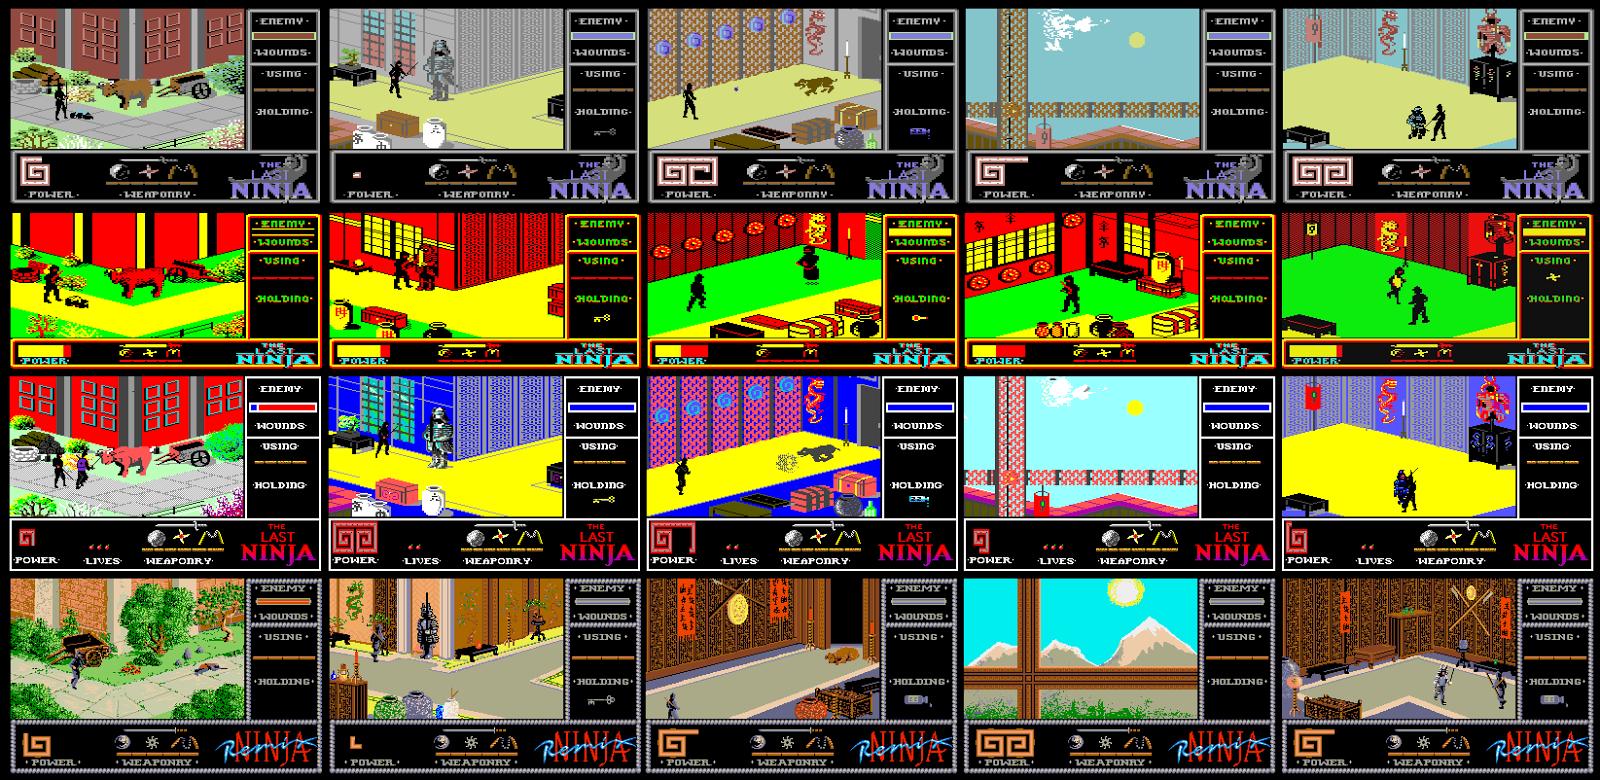 FRGCB - Finnish Retro Game Comparison Blog: The Last Ninja